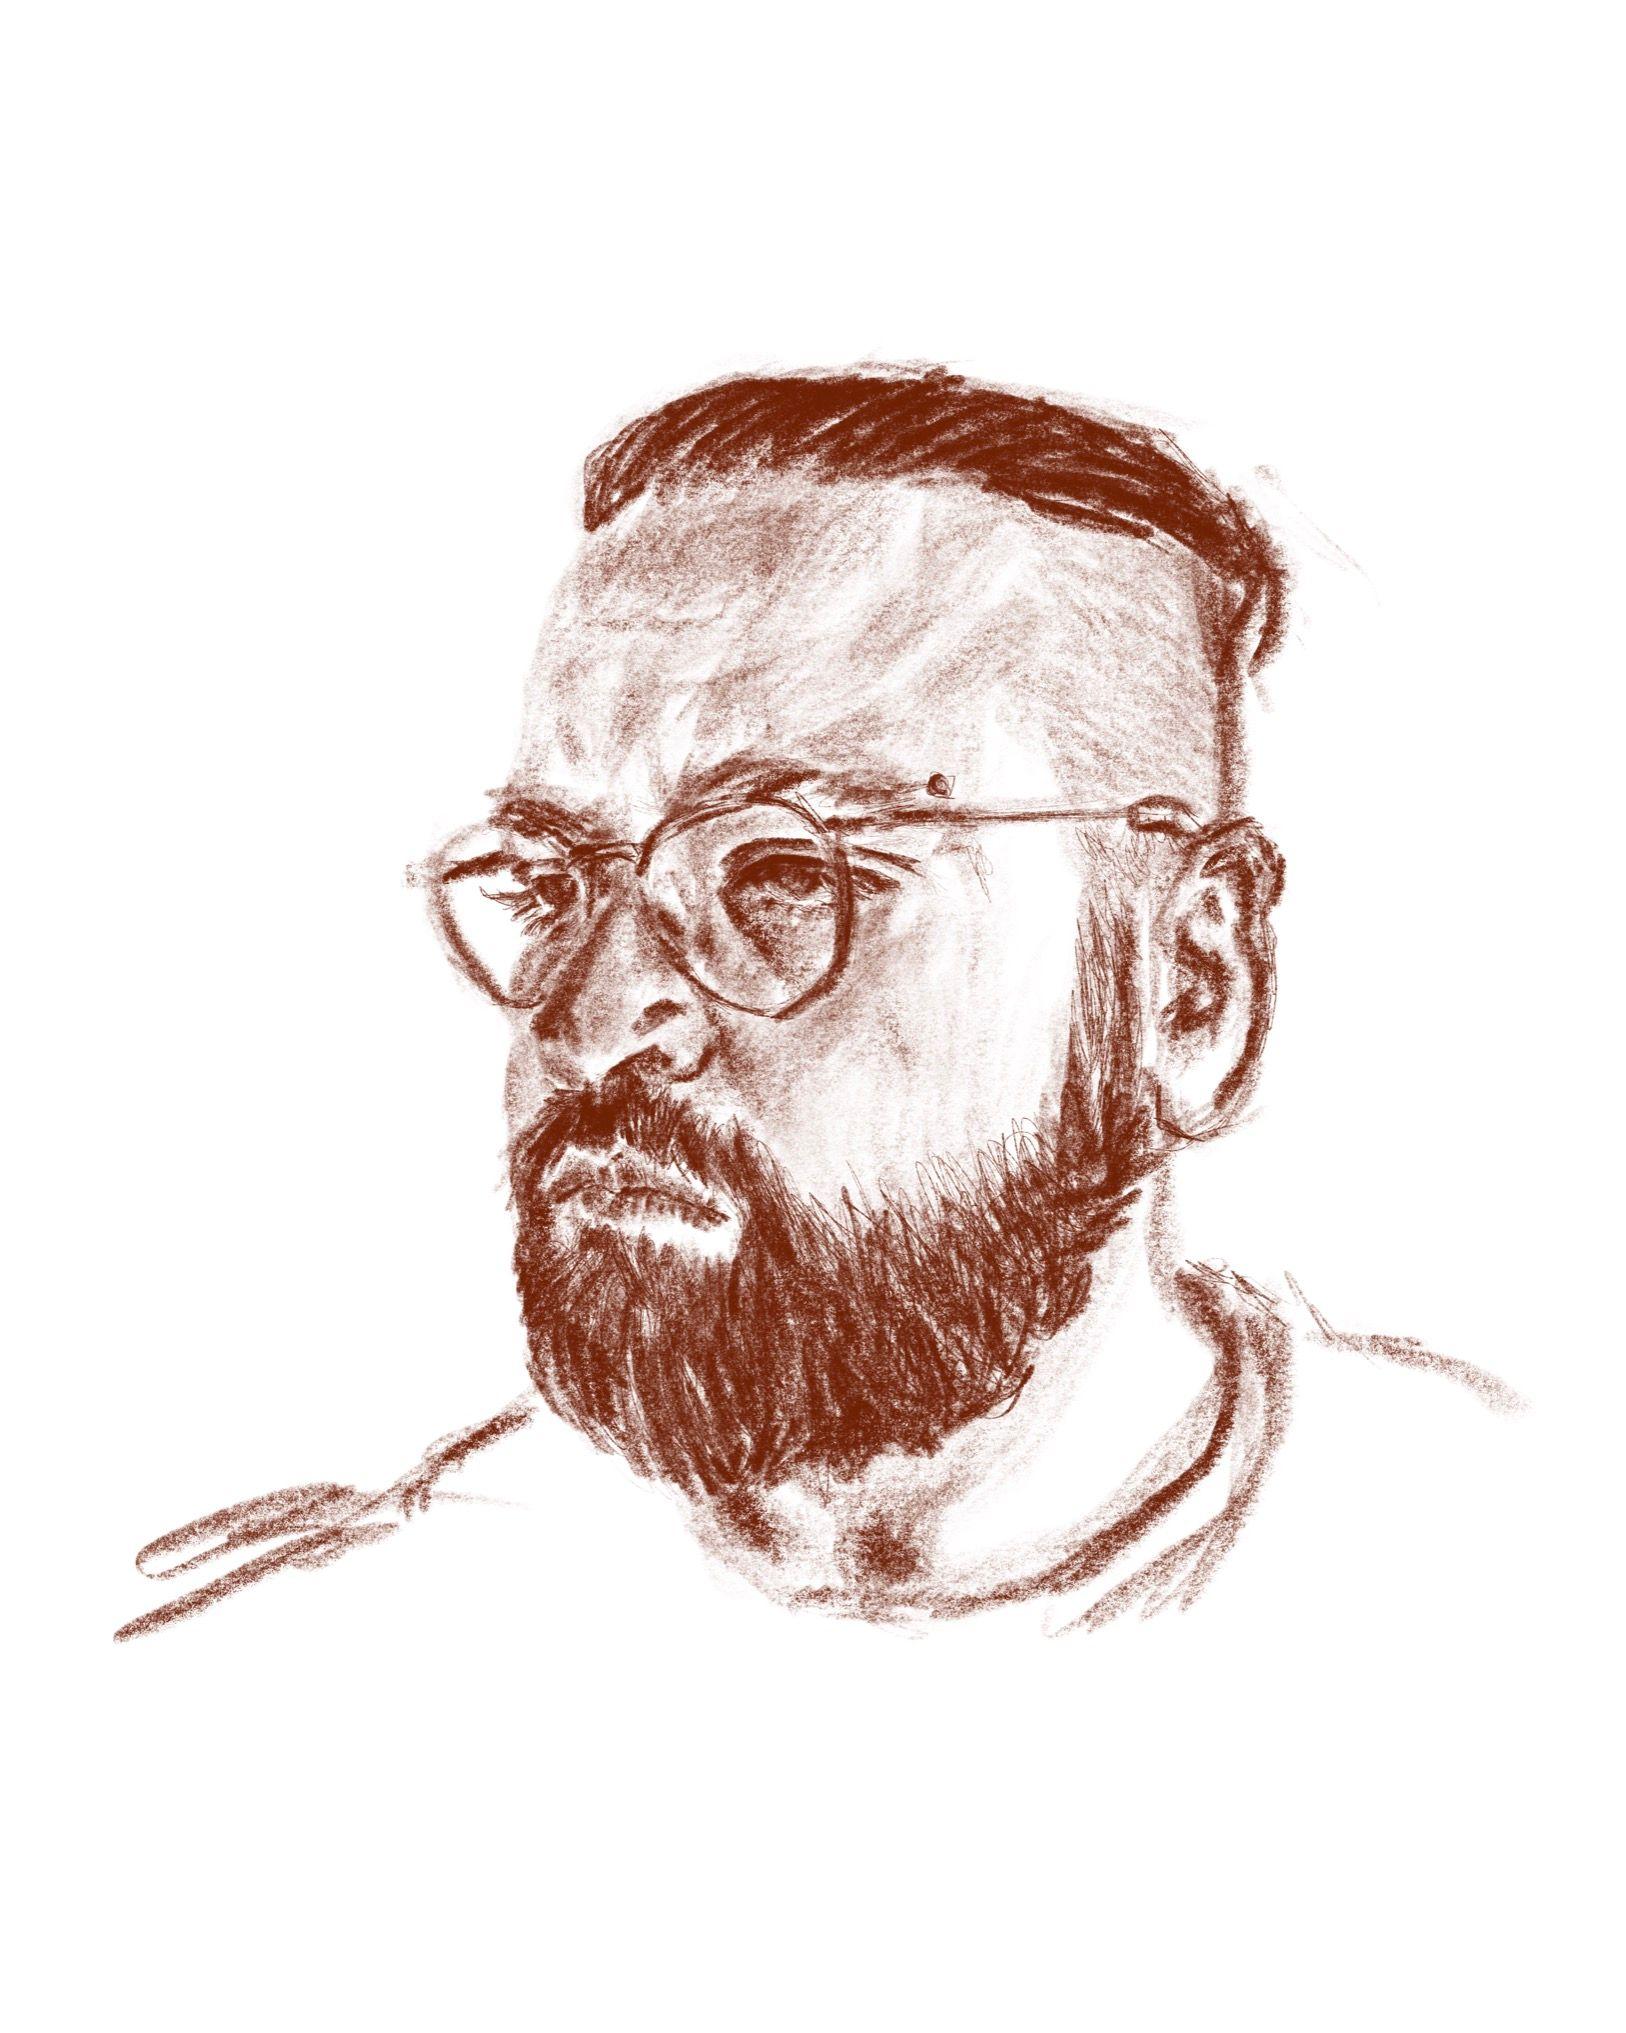 stu 2020 - digital pencil drawing